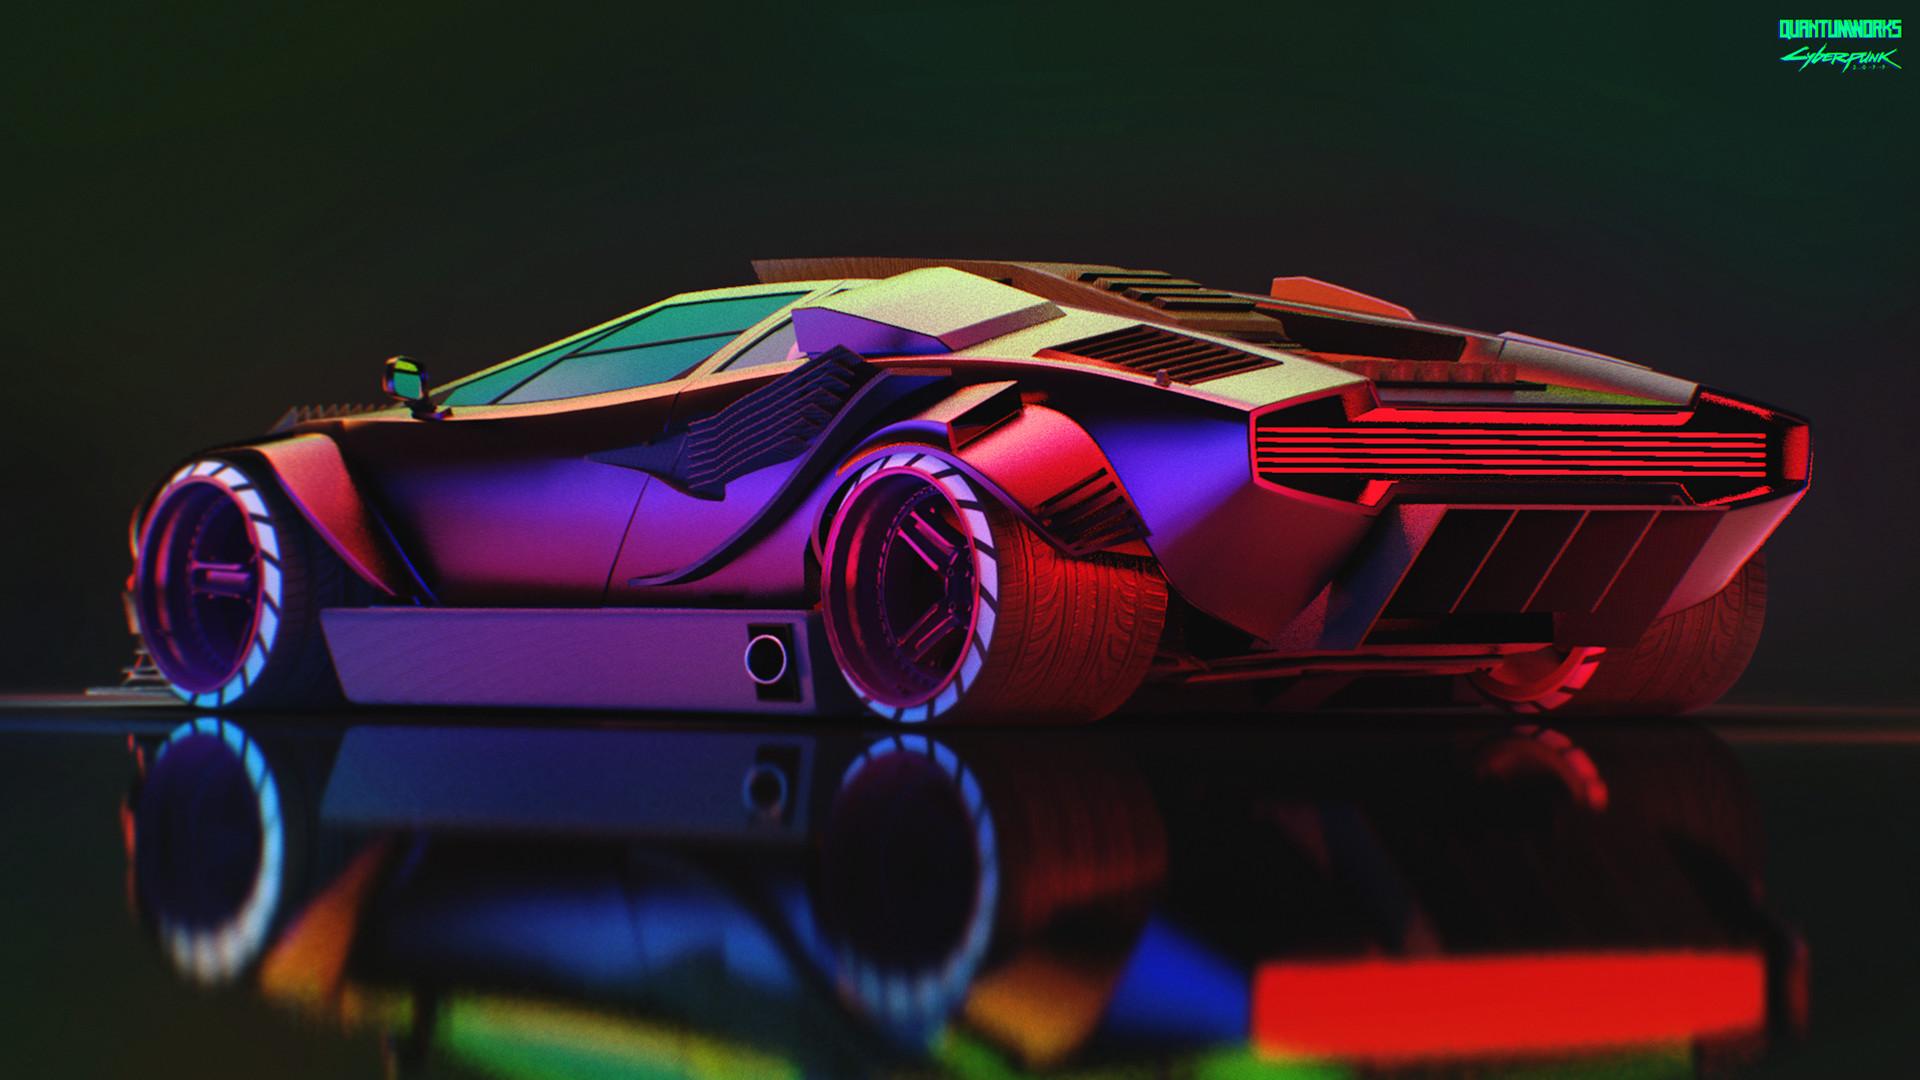 quantum works cyberpunk 2077 lamborghini countach